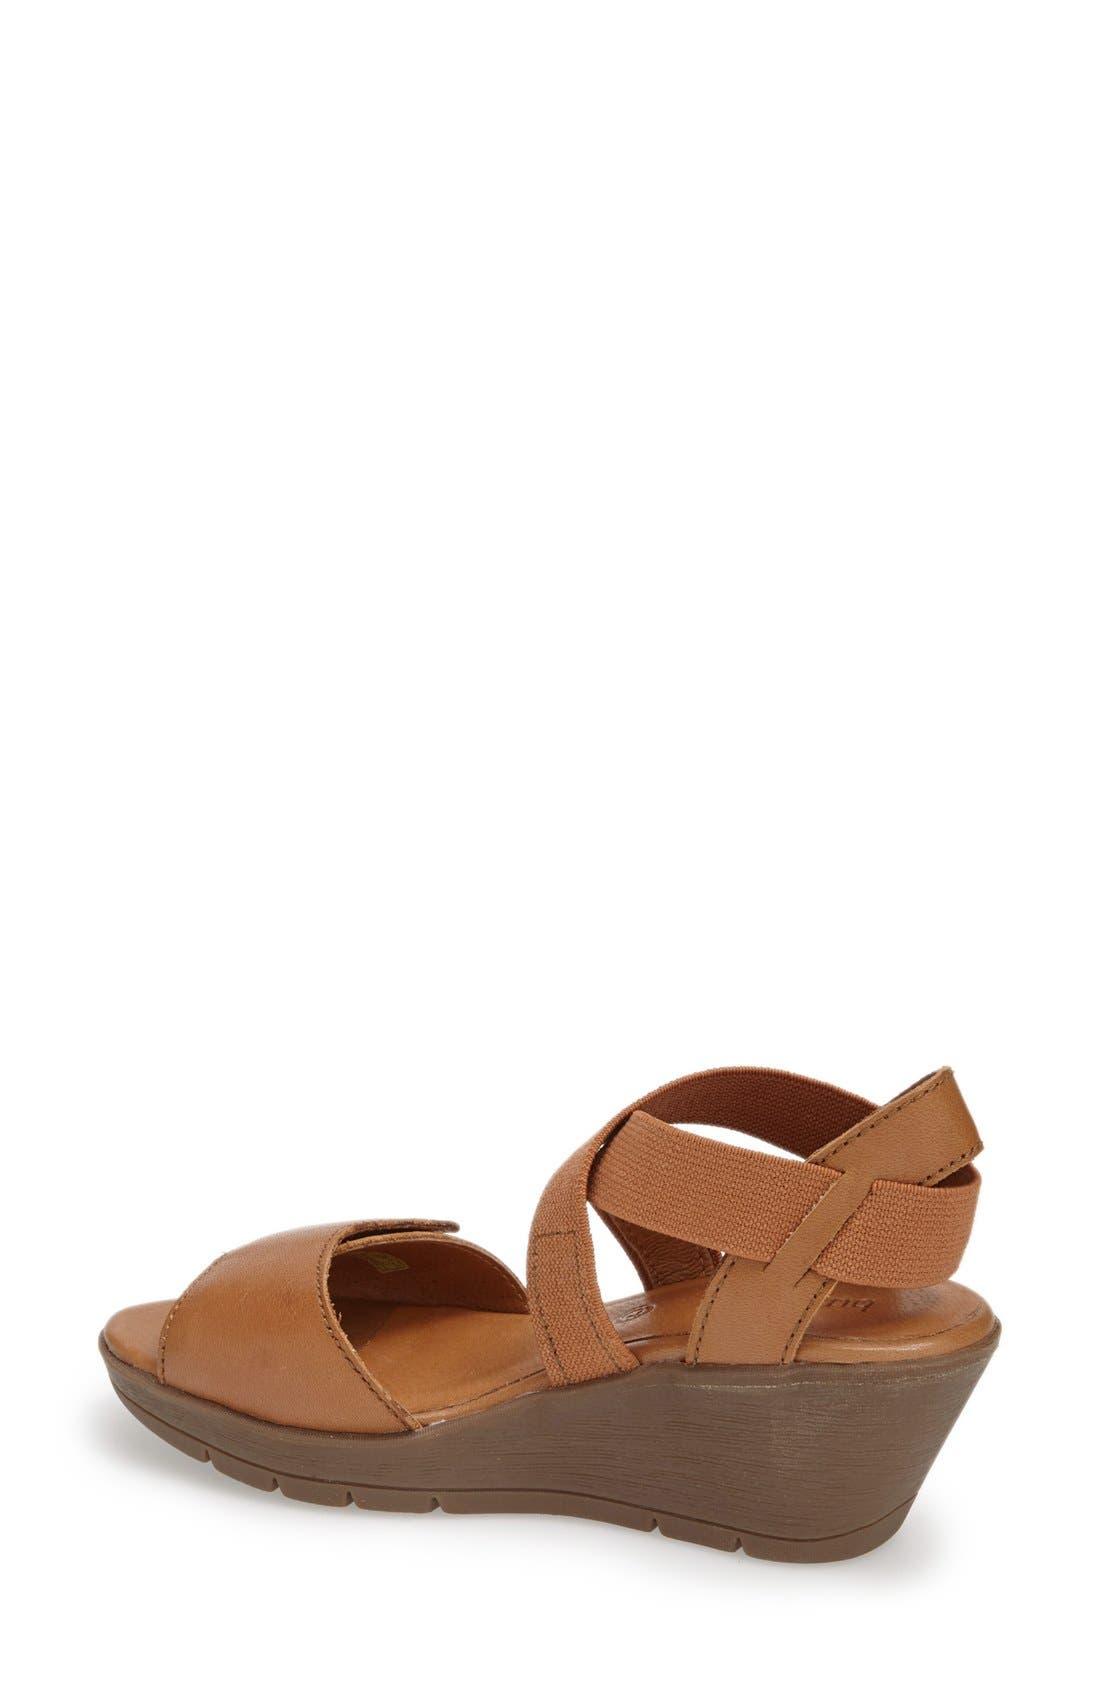 Alternate Image 2  - Bussola 'Zumaia' Wedge Sandal (Women)